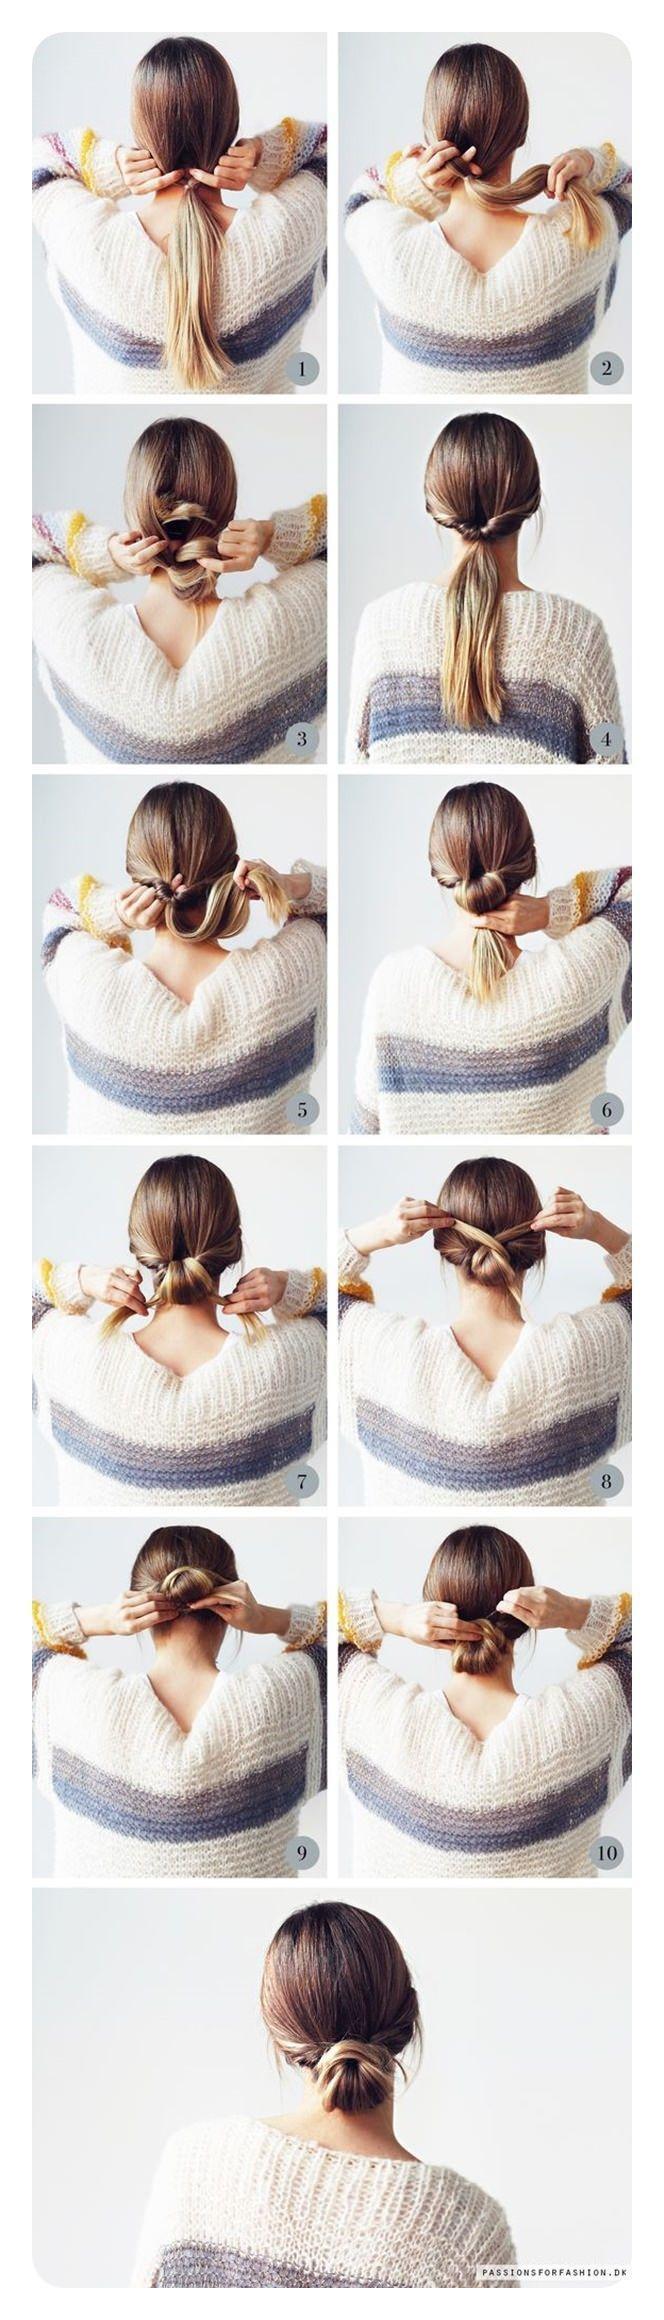 87 Easy Low Bun Frisuren Und Ihre Schritt Fur Schritt Anleitungen Anleitungen Bun Easy Frisuren Fur Ihre Hair Styles Long Hair Styles Low Bun Hairstyles